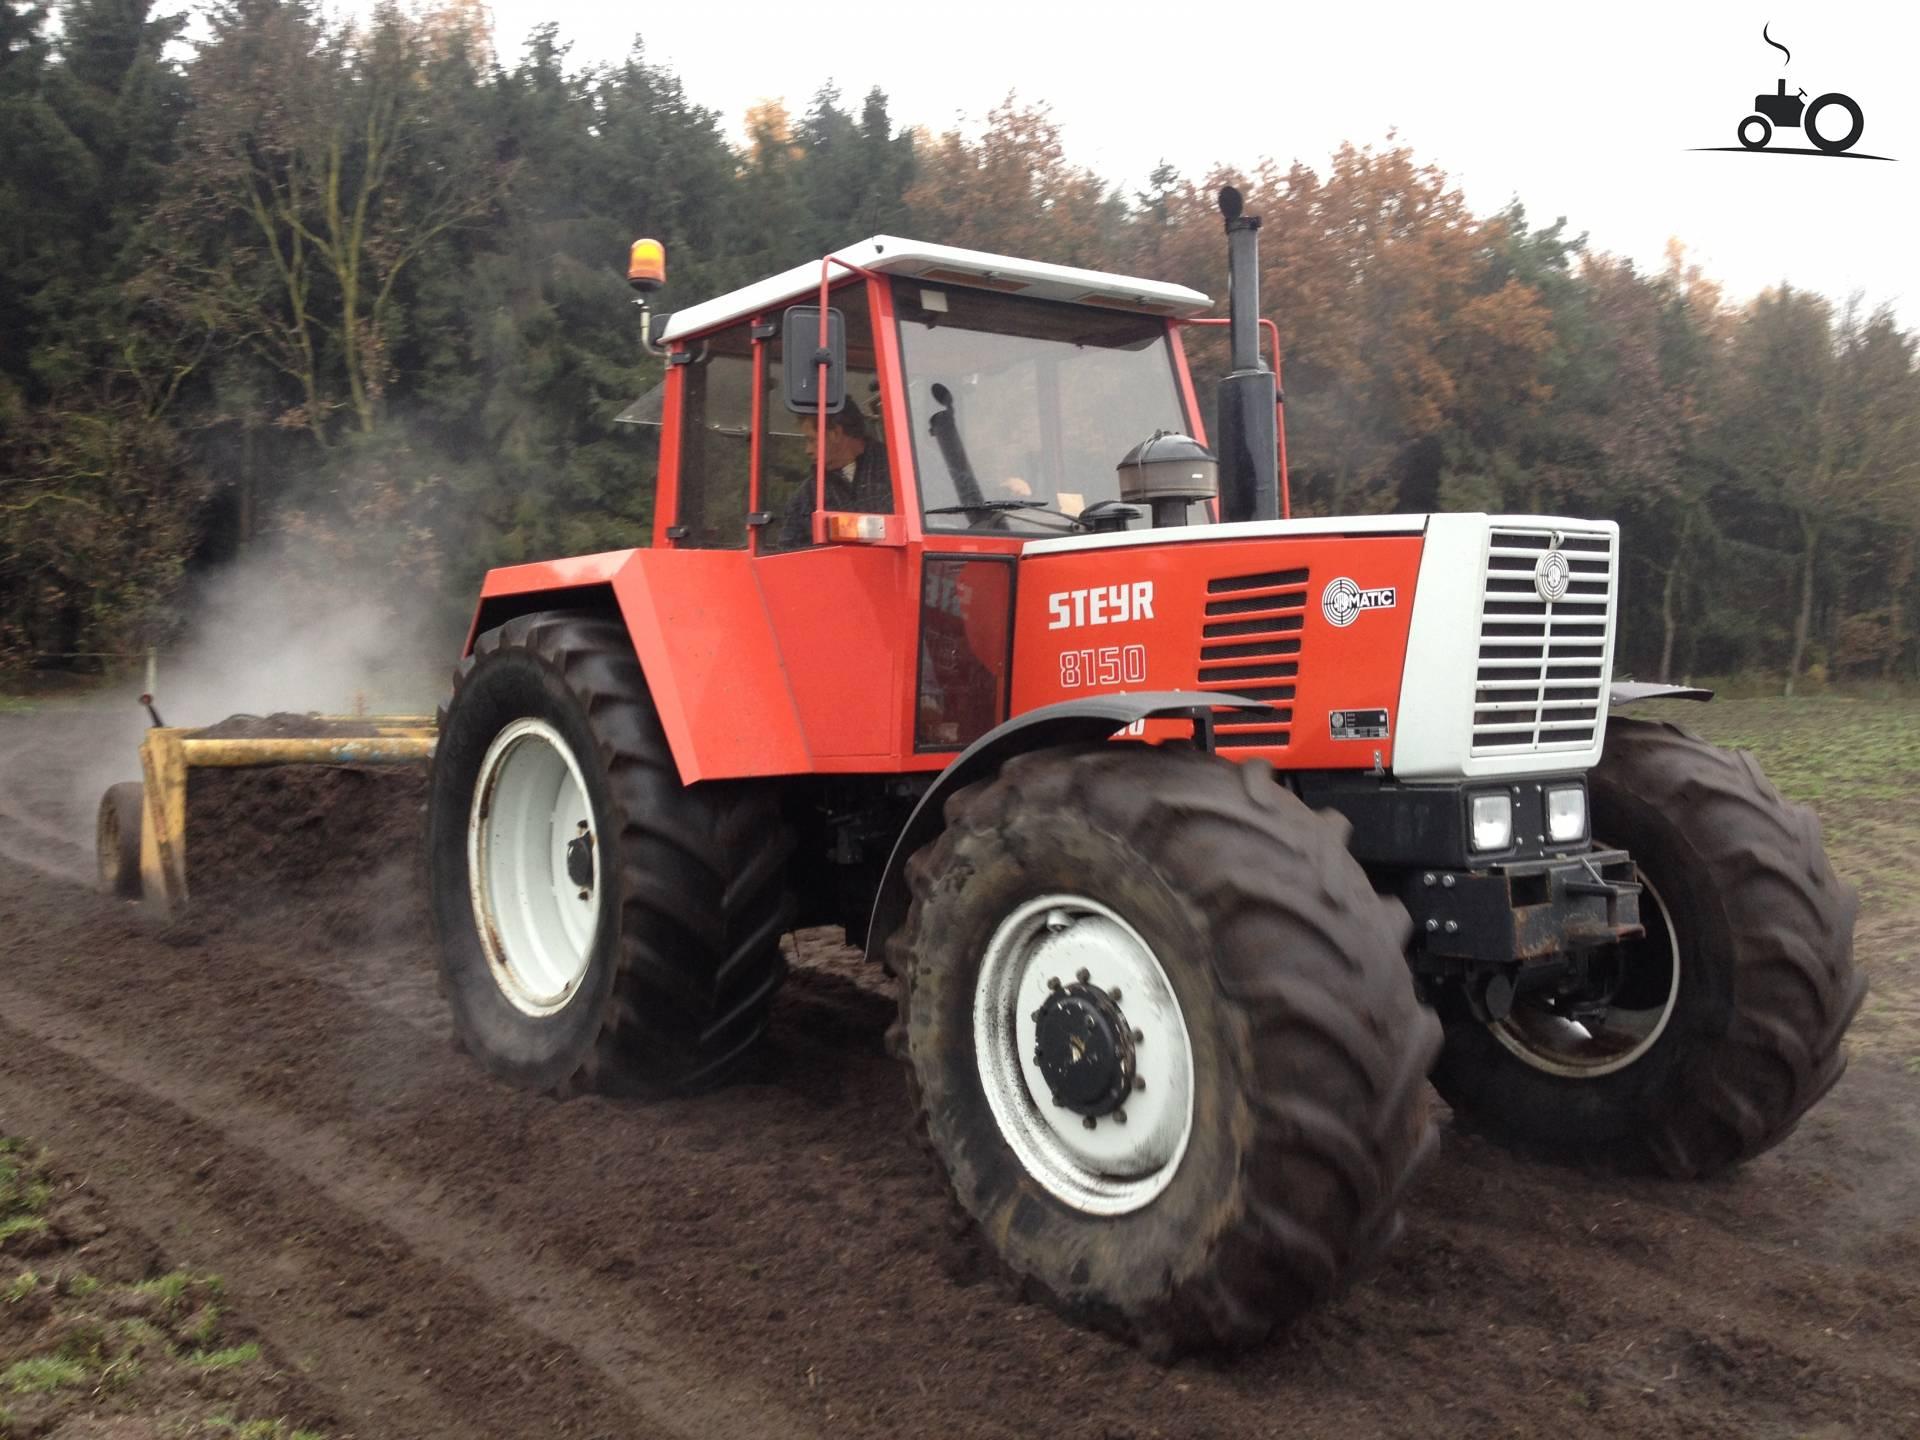 Steyr 8150